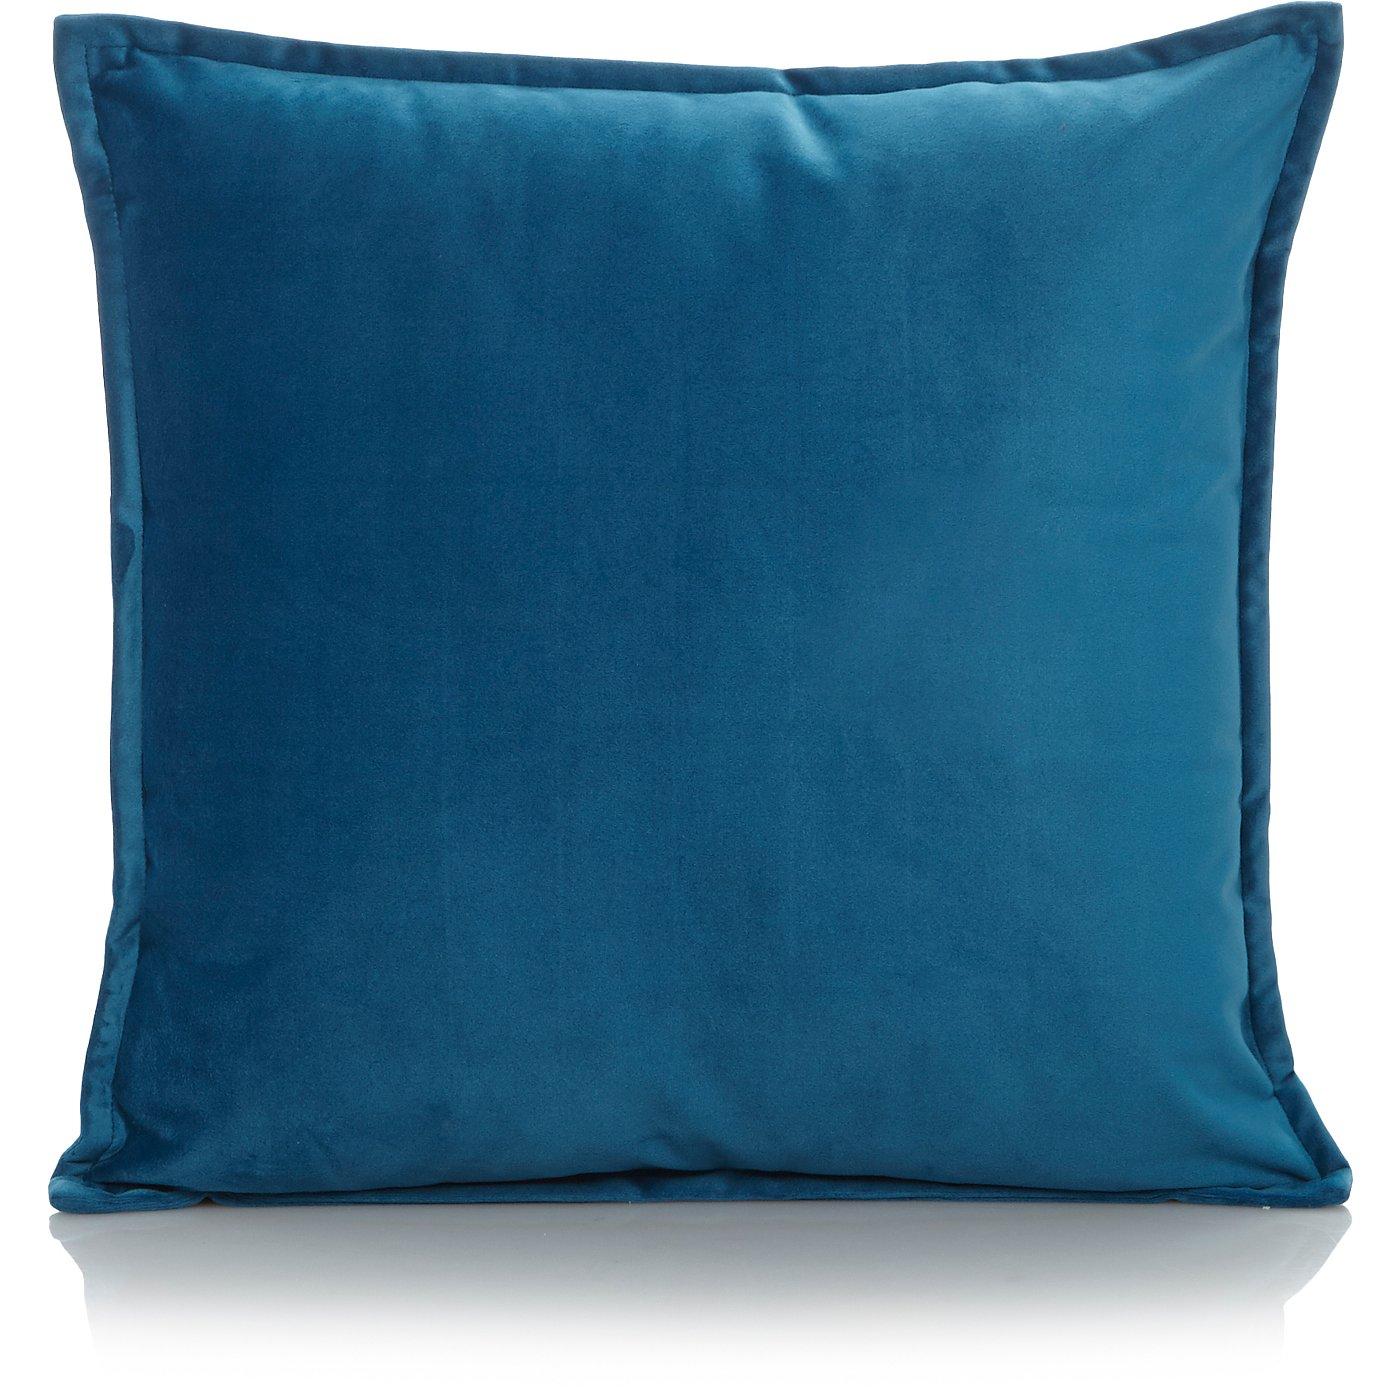 Blue Velvet Cushion - Various Sizes   Cushions   George at ASDA